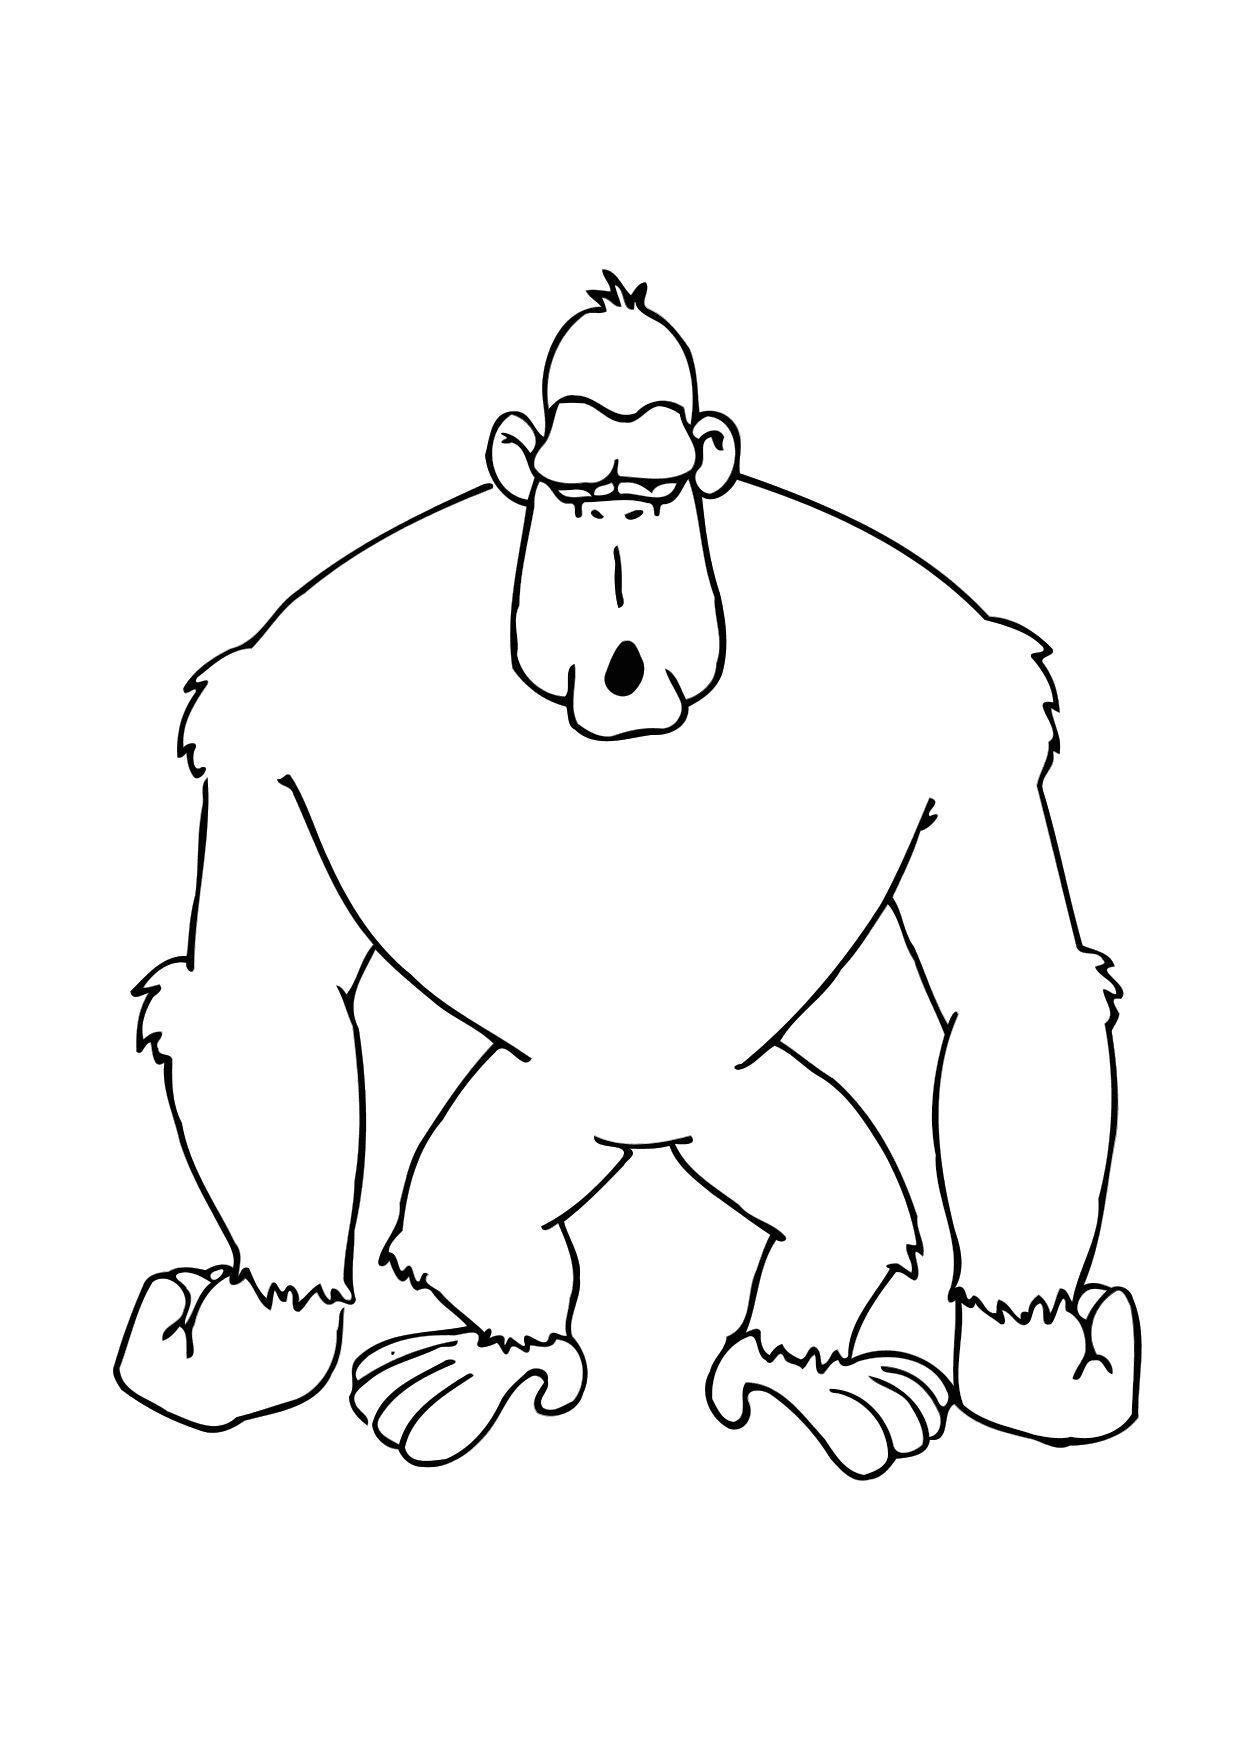 Coloriage Le Gorille - Coloriages Gratuits À Imprimer avec Coloriage Gorille